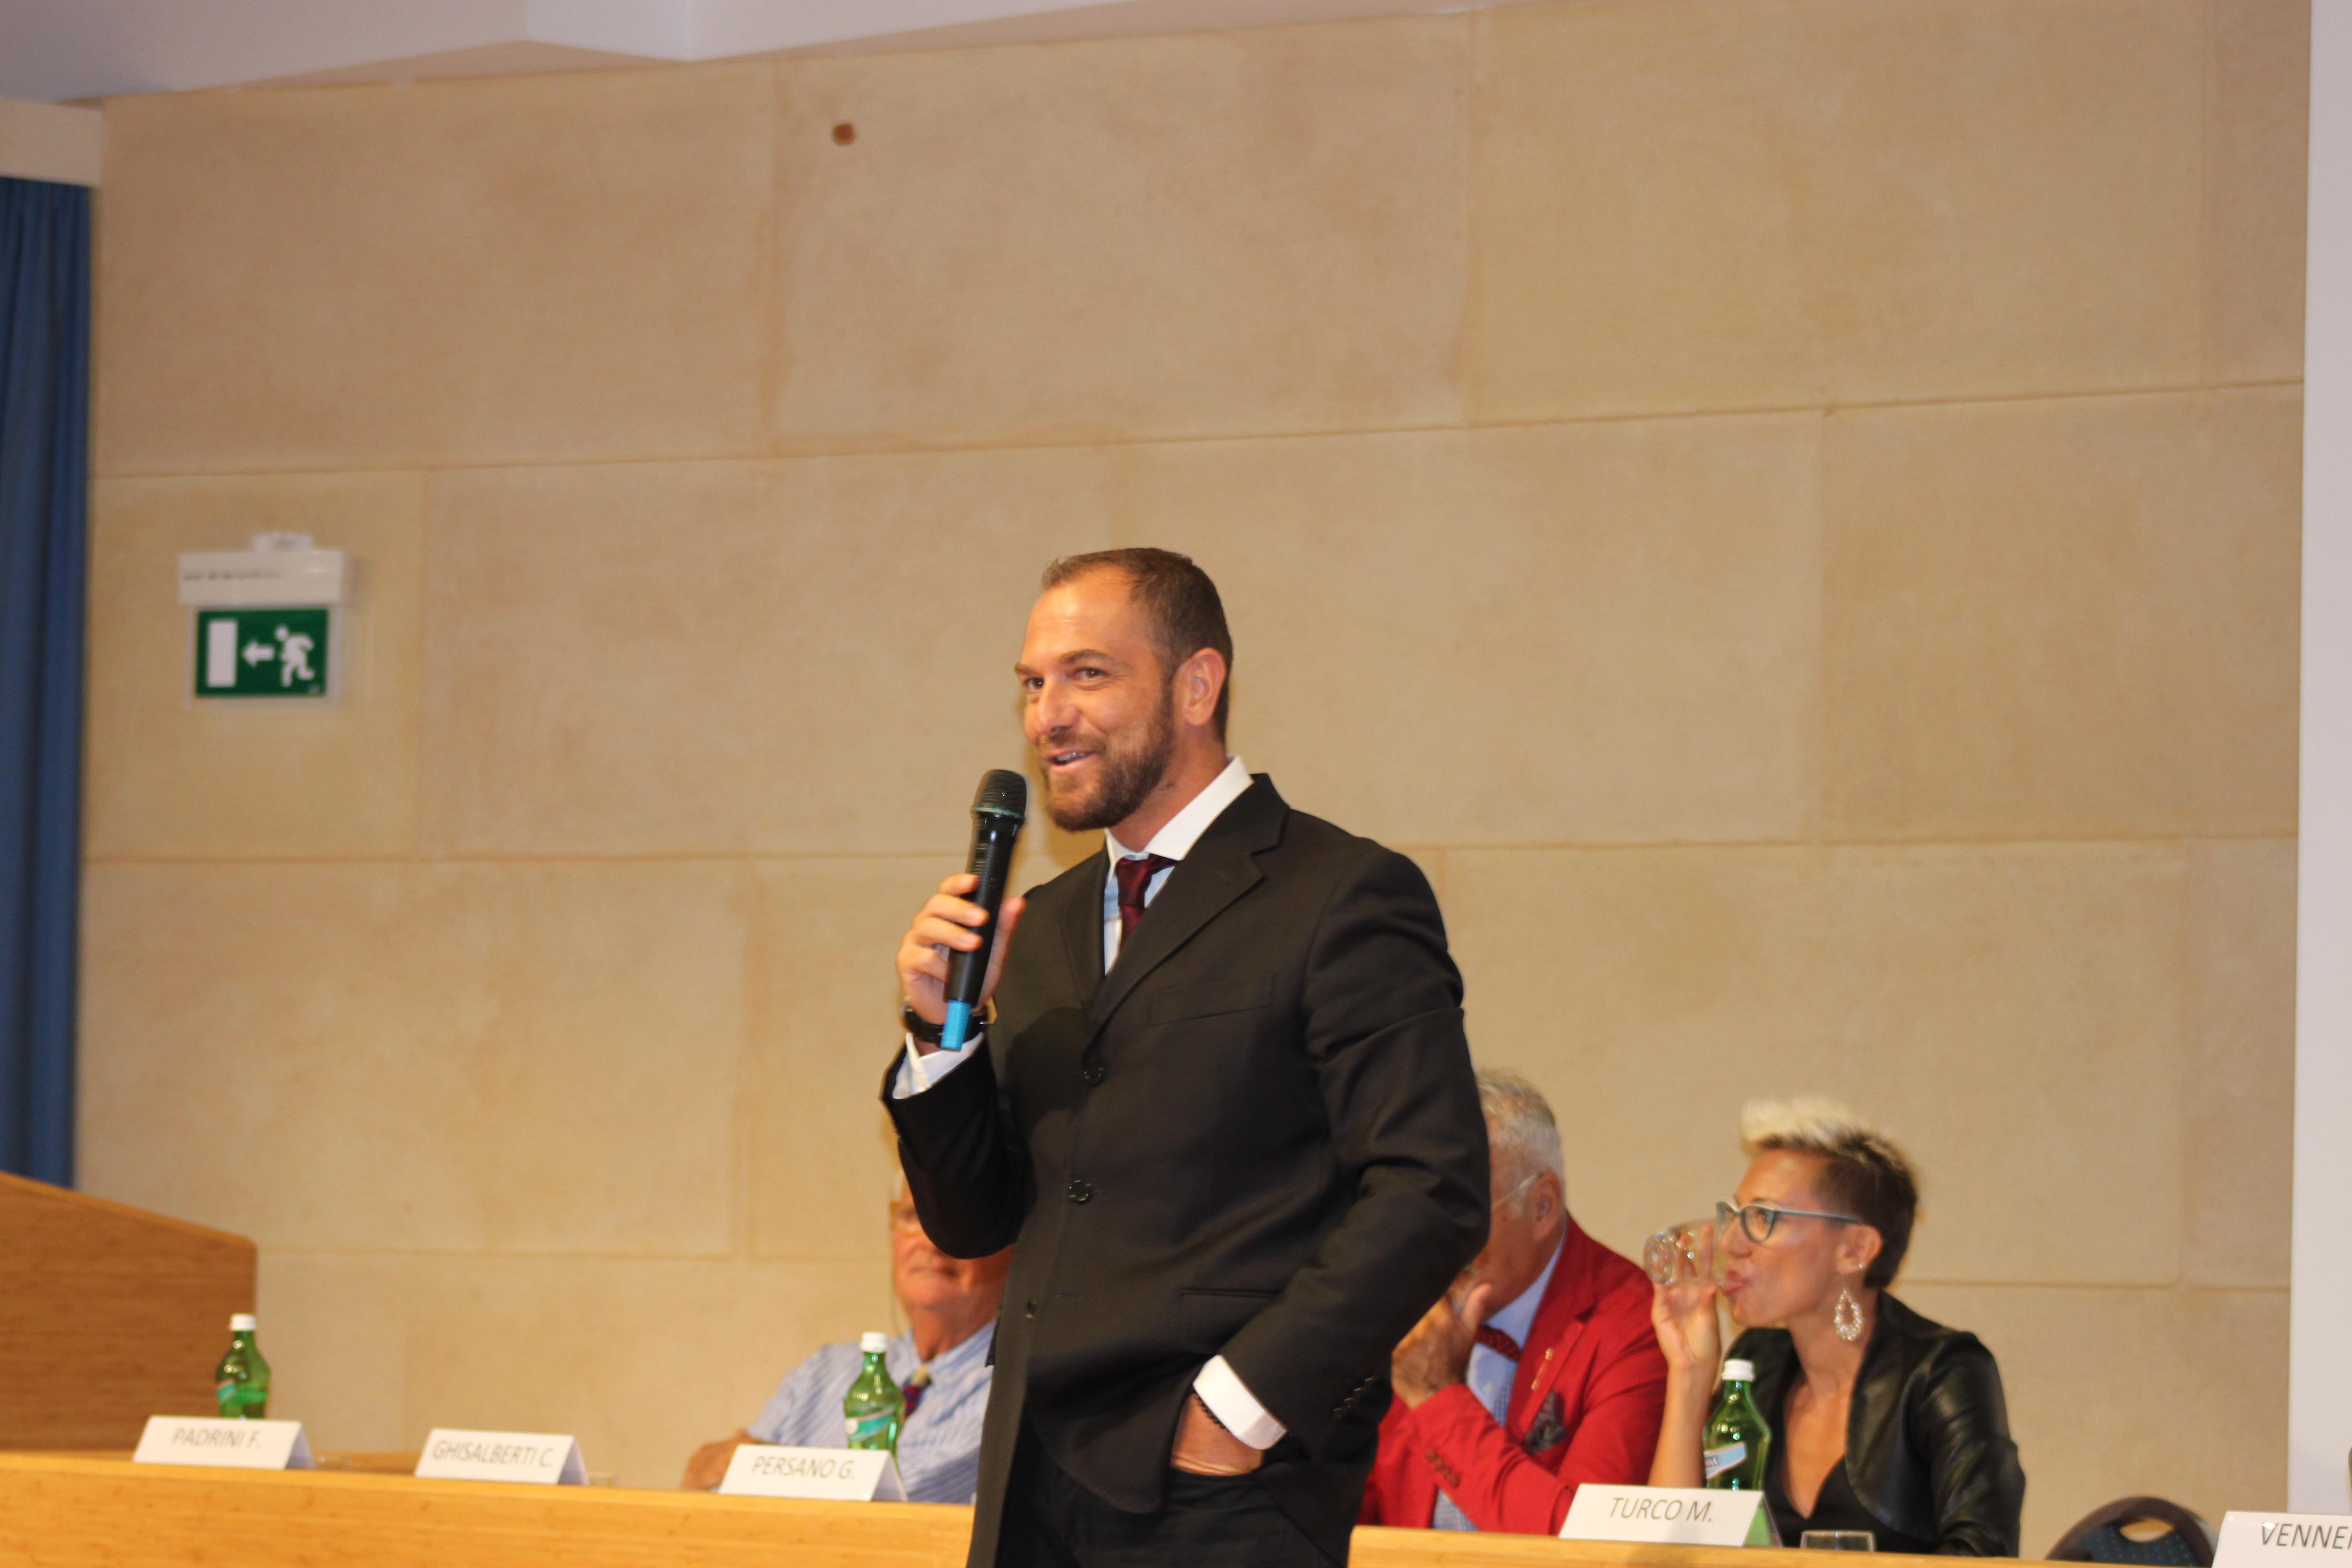 Programma antistress, Iberotel di Ugento promuove un seminario con esperti del settore